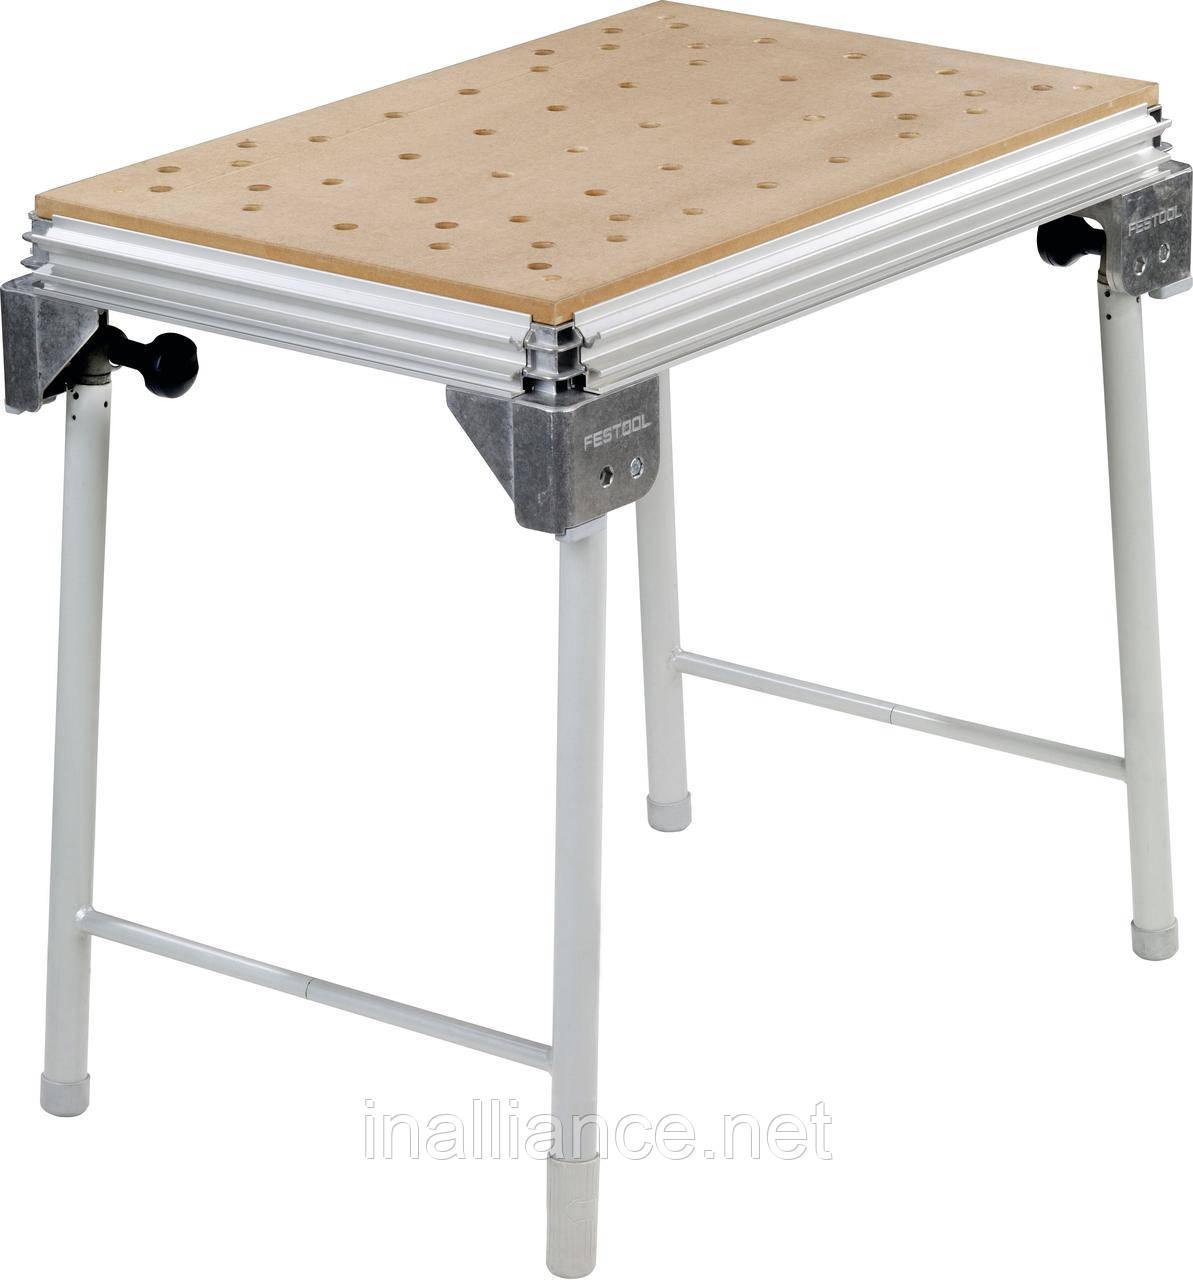 Многофункциональный стол MFT Kapex Festool 495465